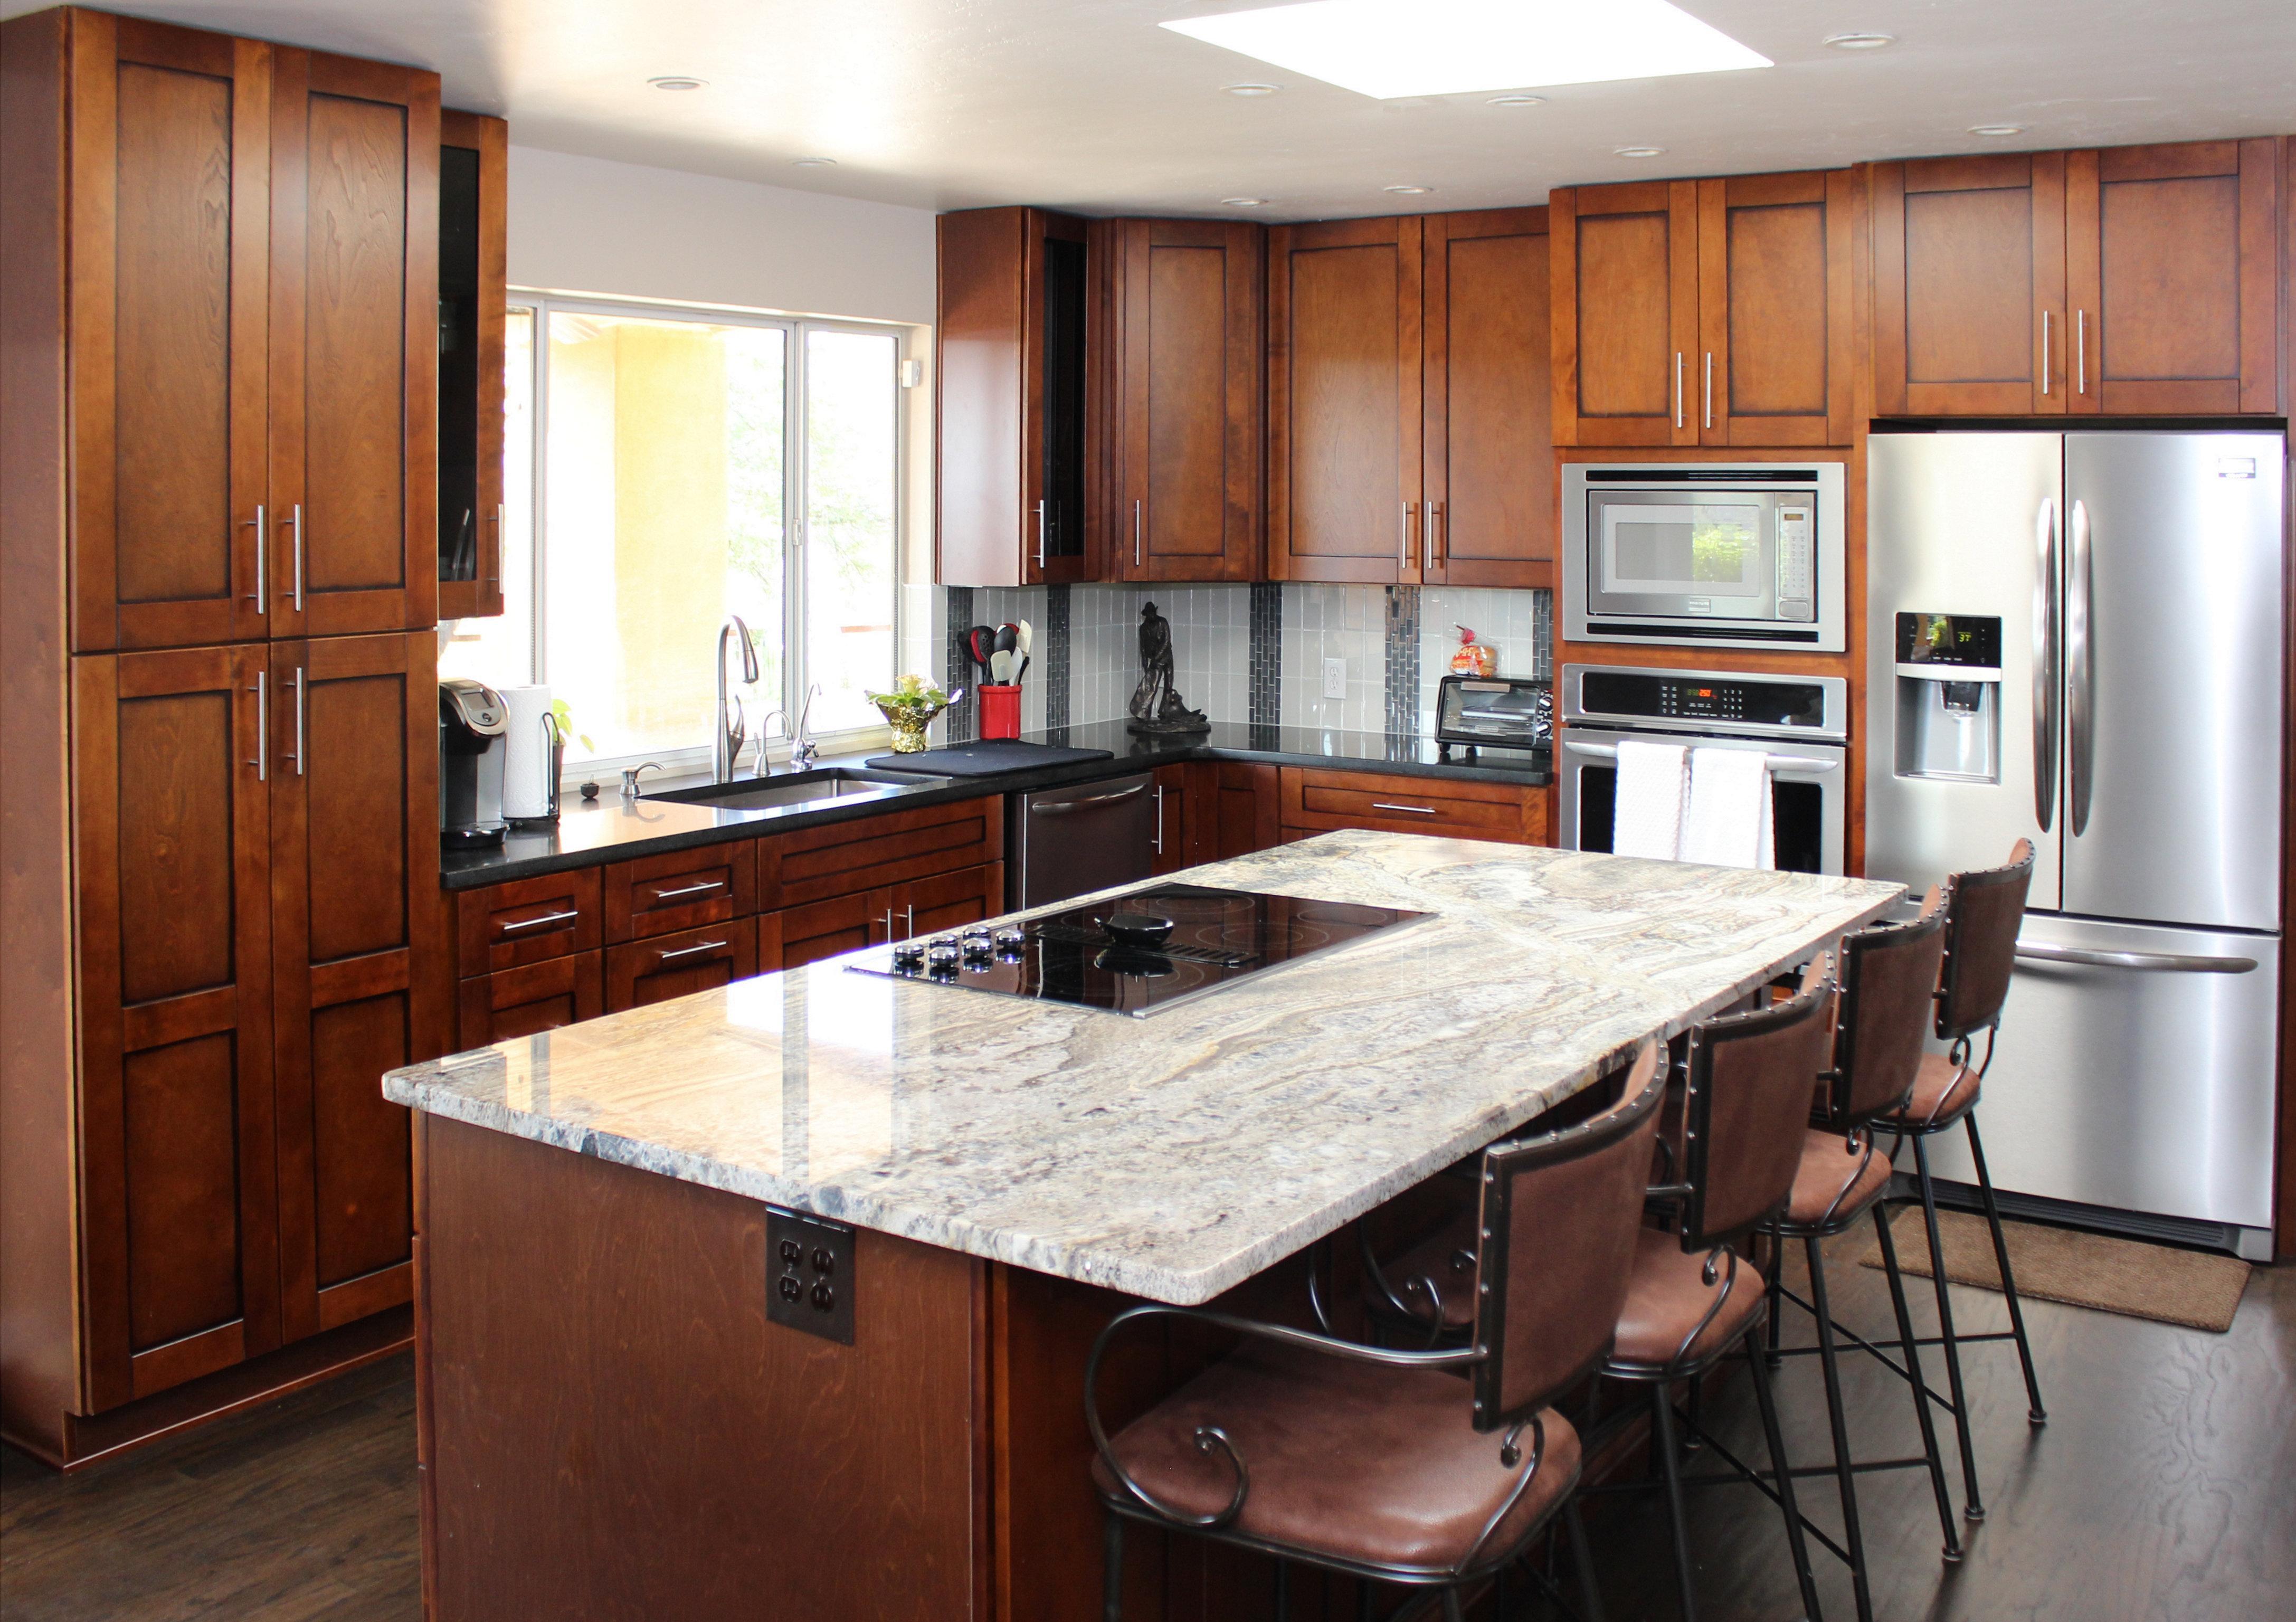 Kitchen Concepts image 5